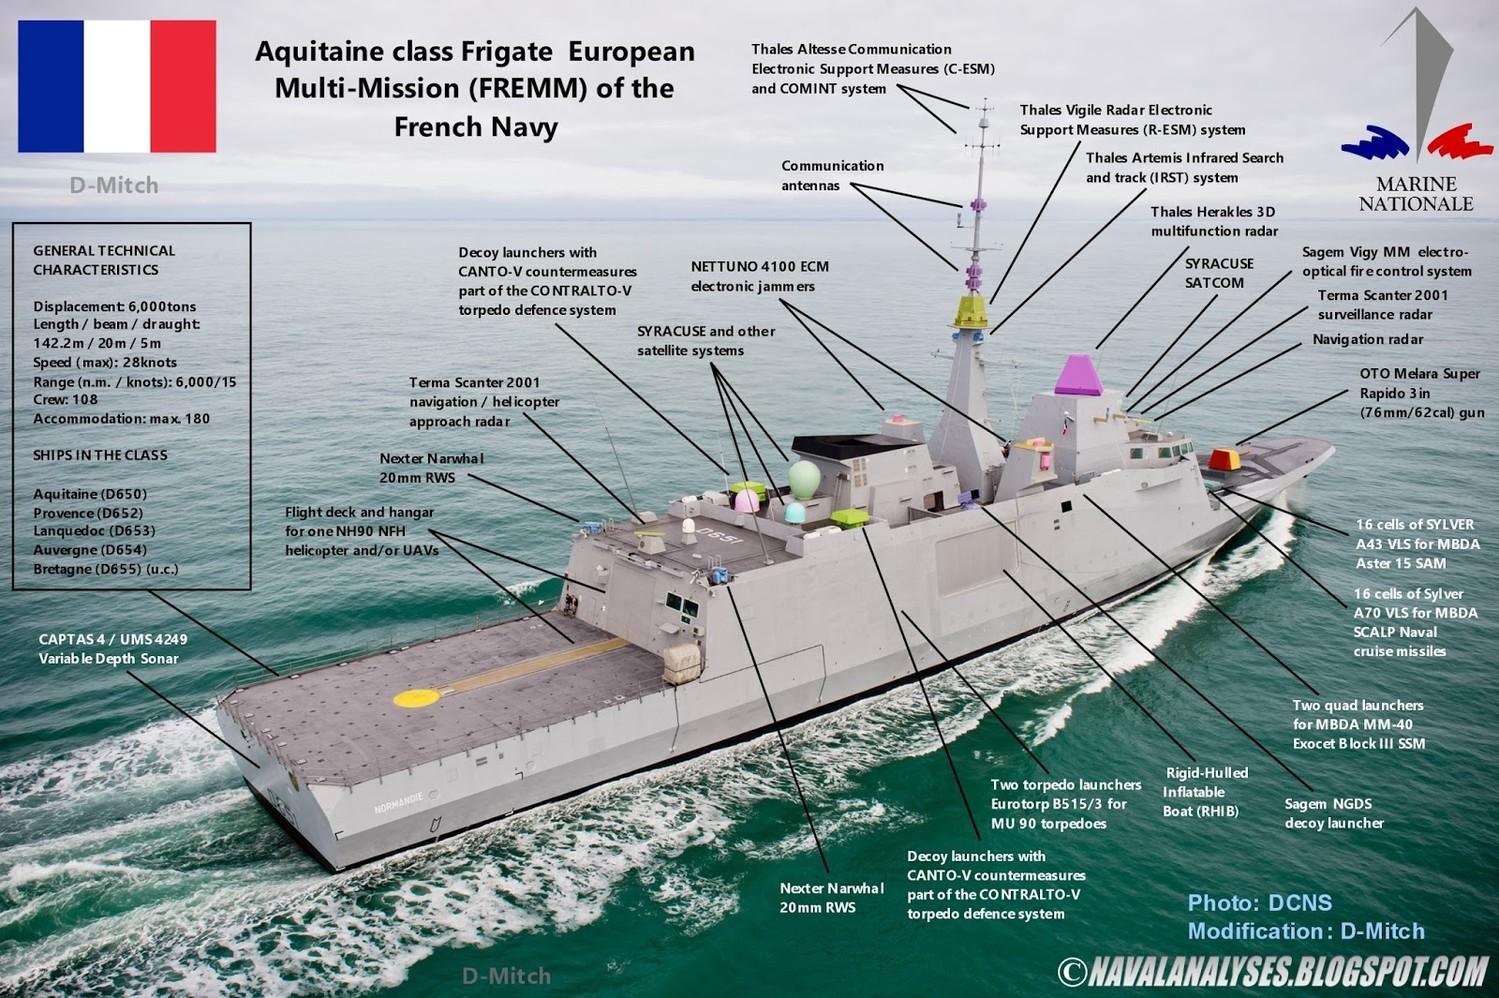 Франция оборудва своите кораби с GPS приемници с повишена надеждност